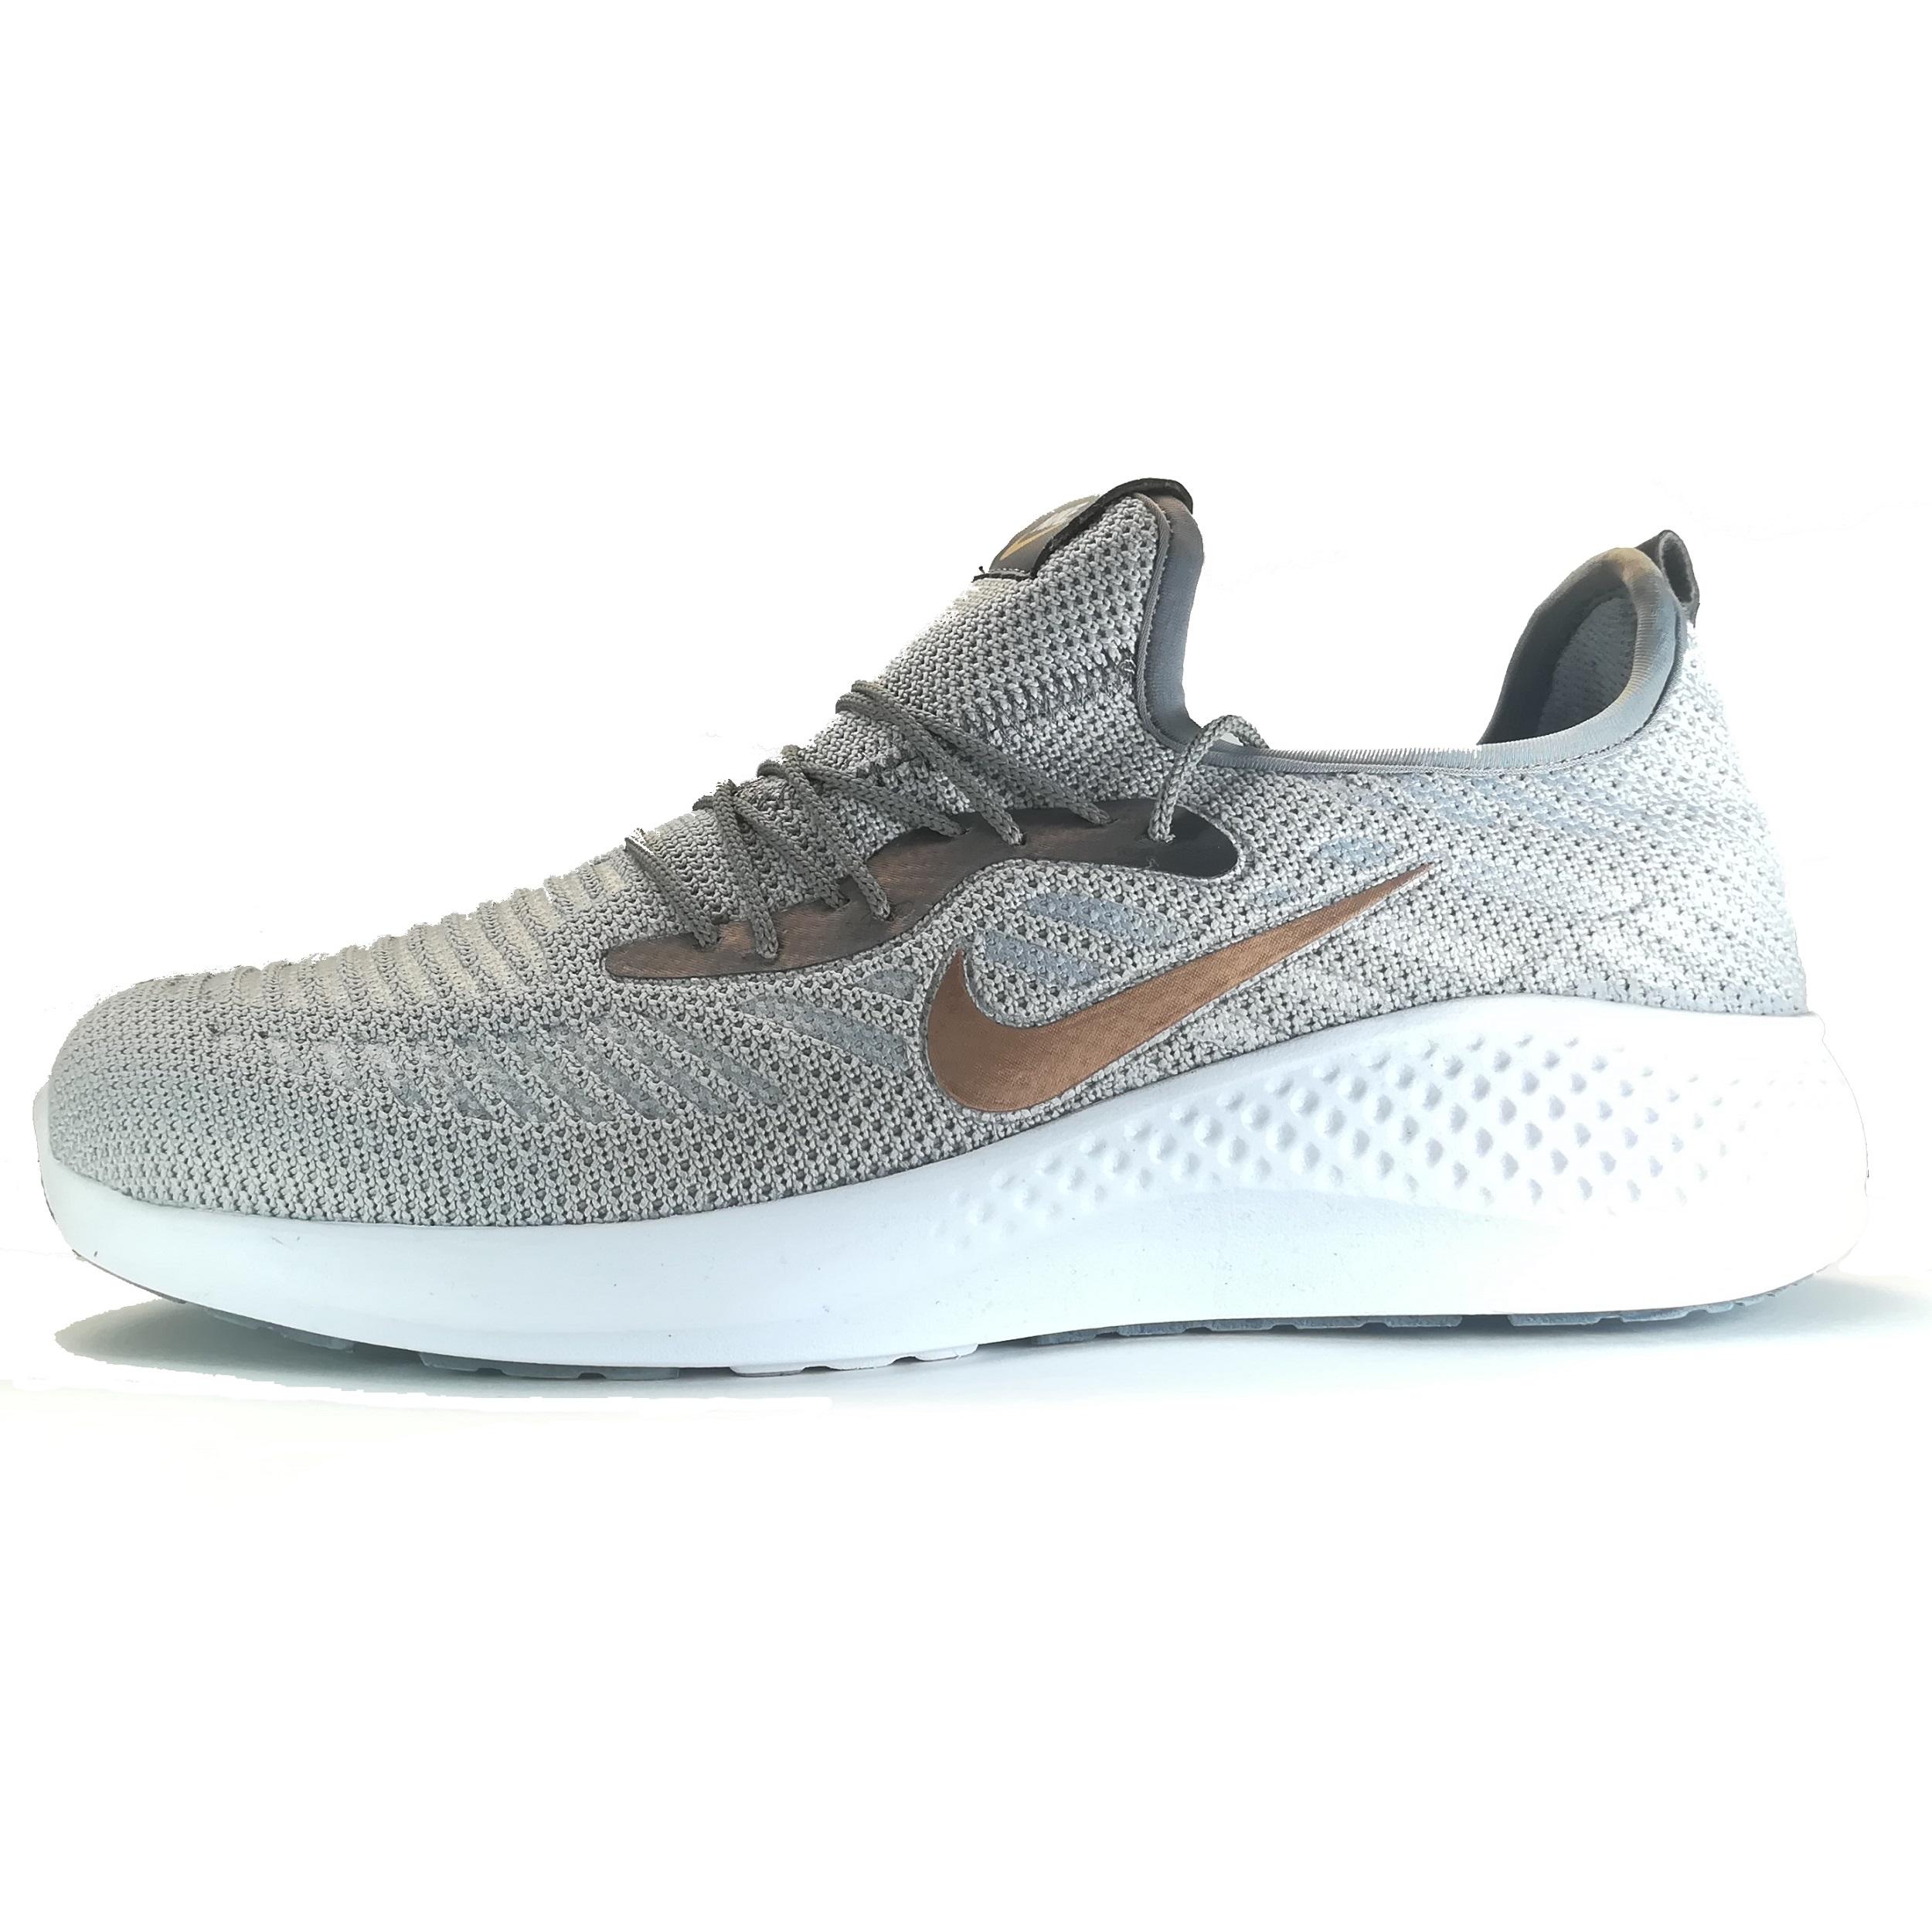 قیمت کفش مخصوص پیاده روی مردانه مدل vigo grey